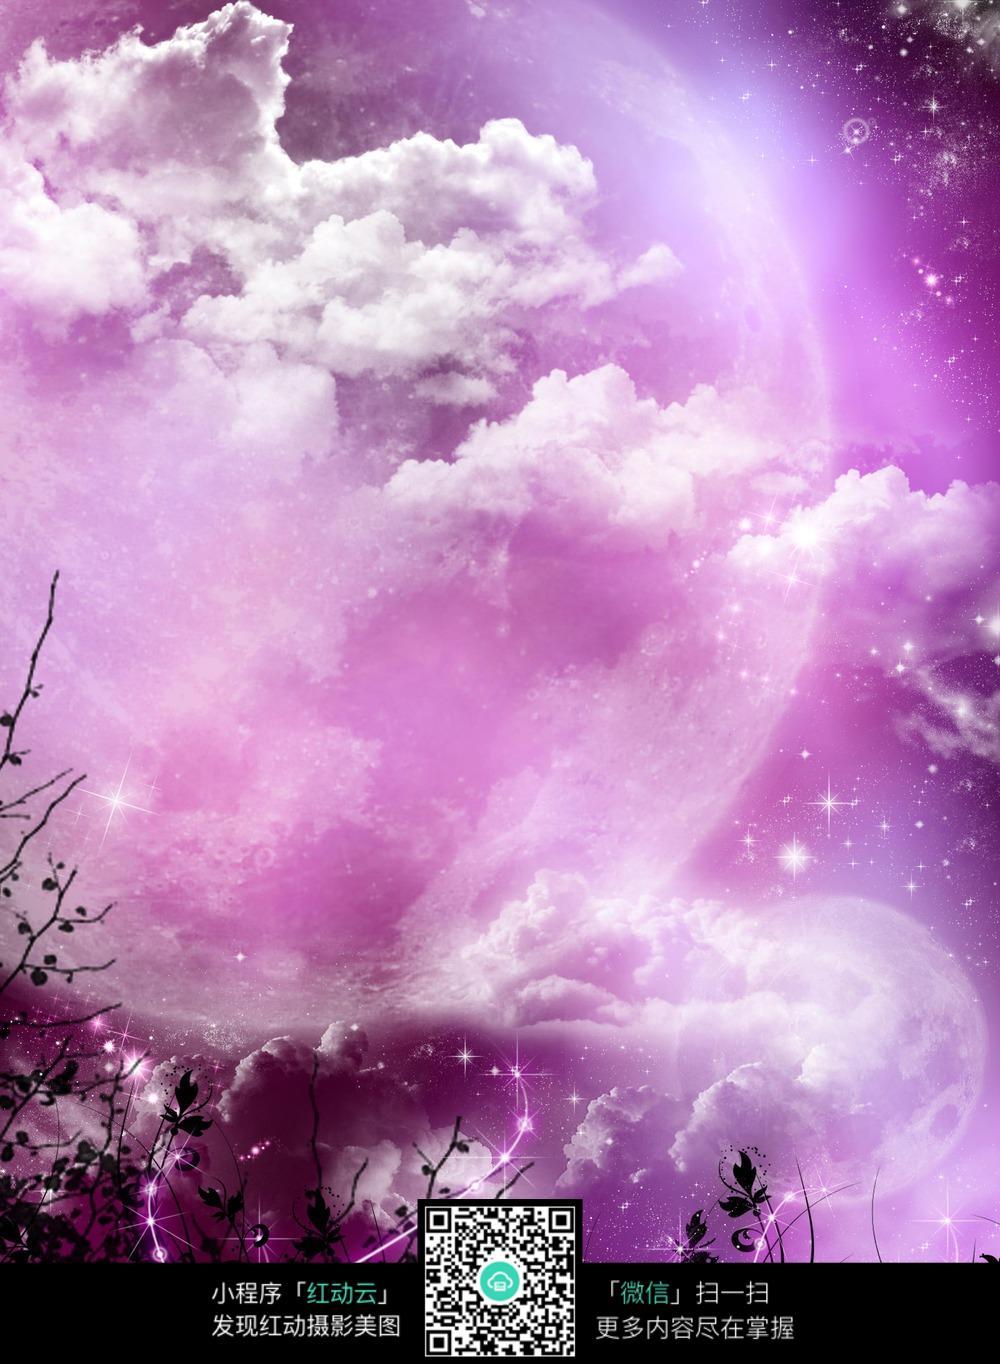 紫色唯美月色背景图片免费下载 编号3791238 红动网